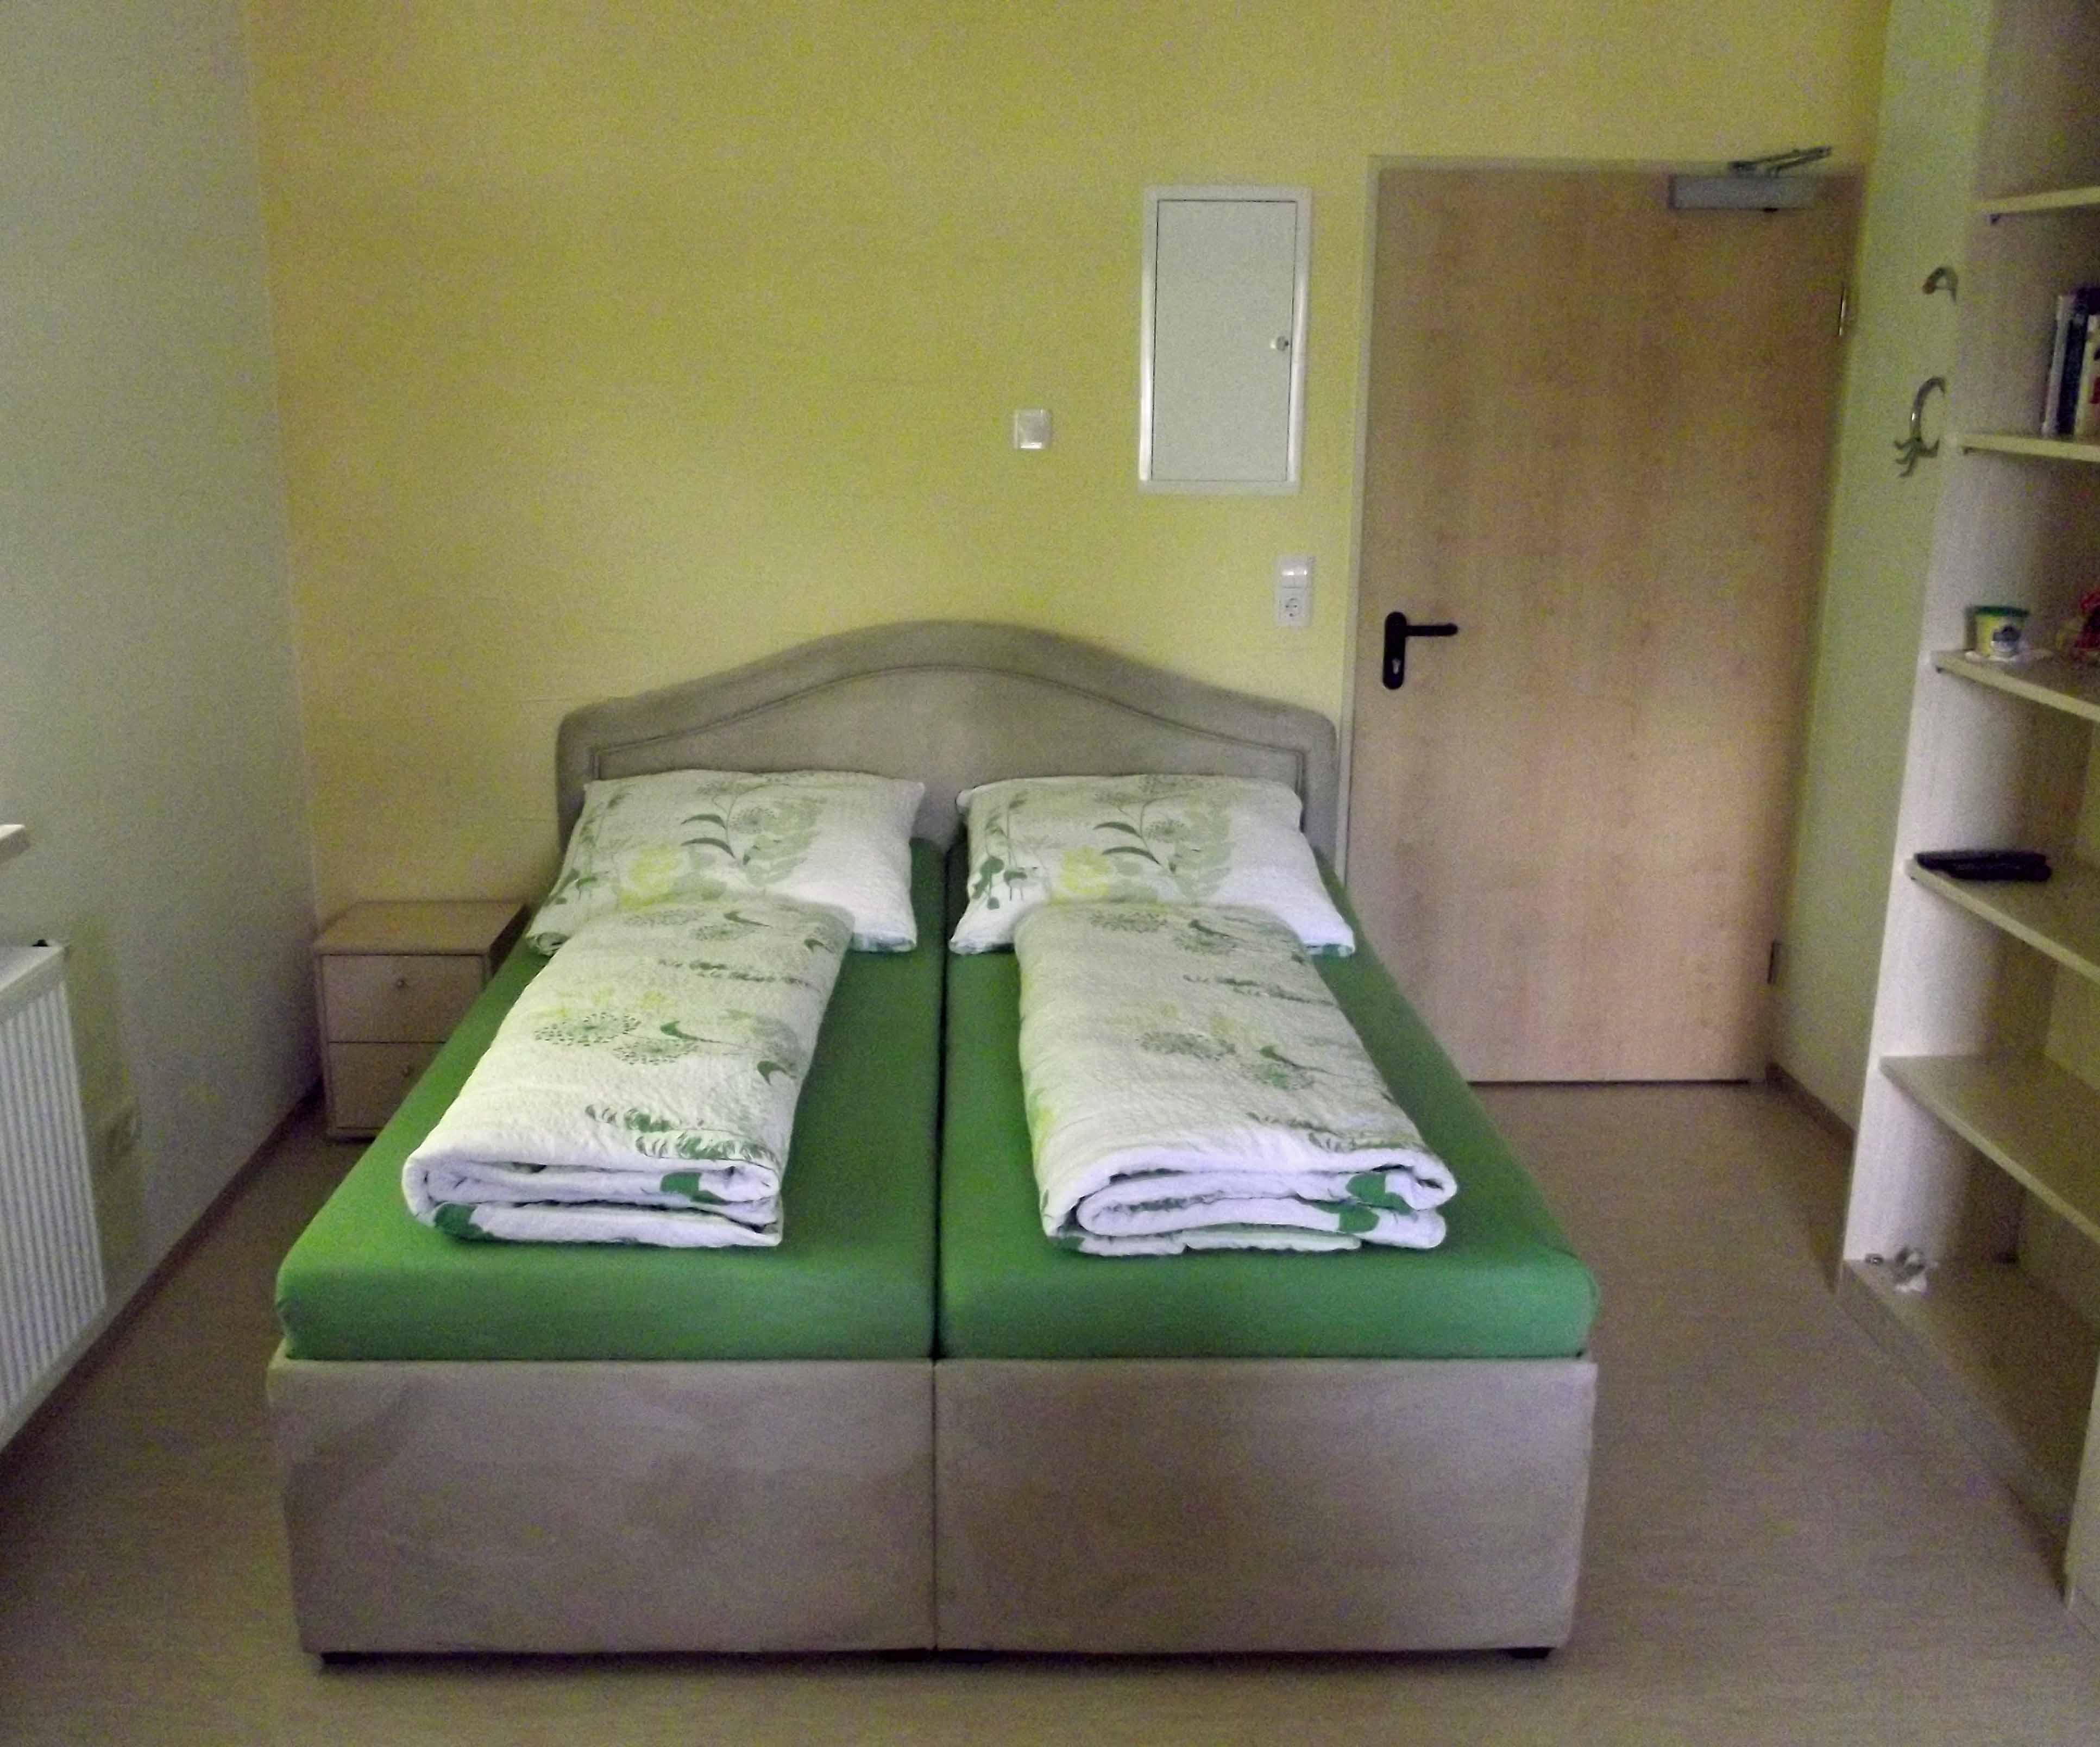 Appartment 25 m² günstig - Bad Staffelstein - 3